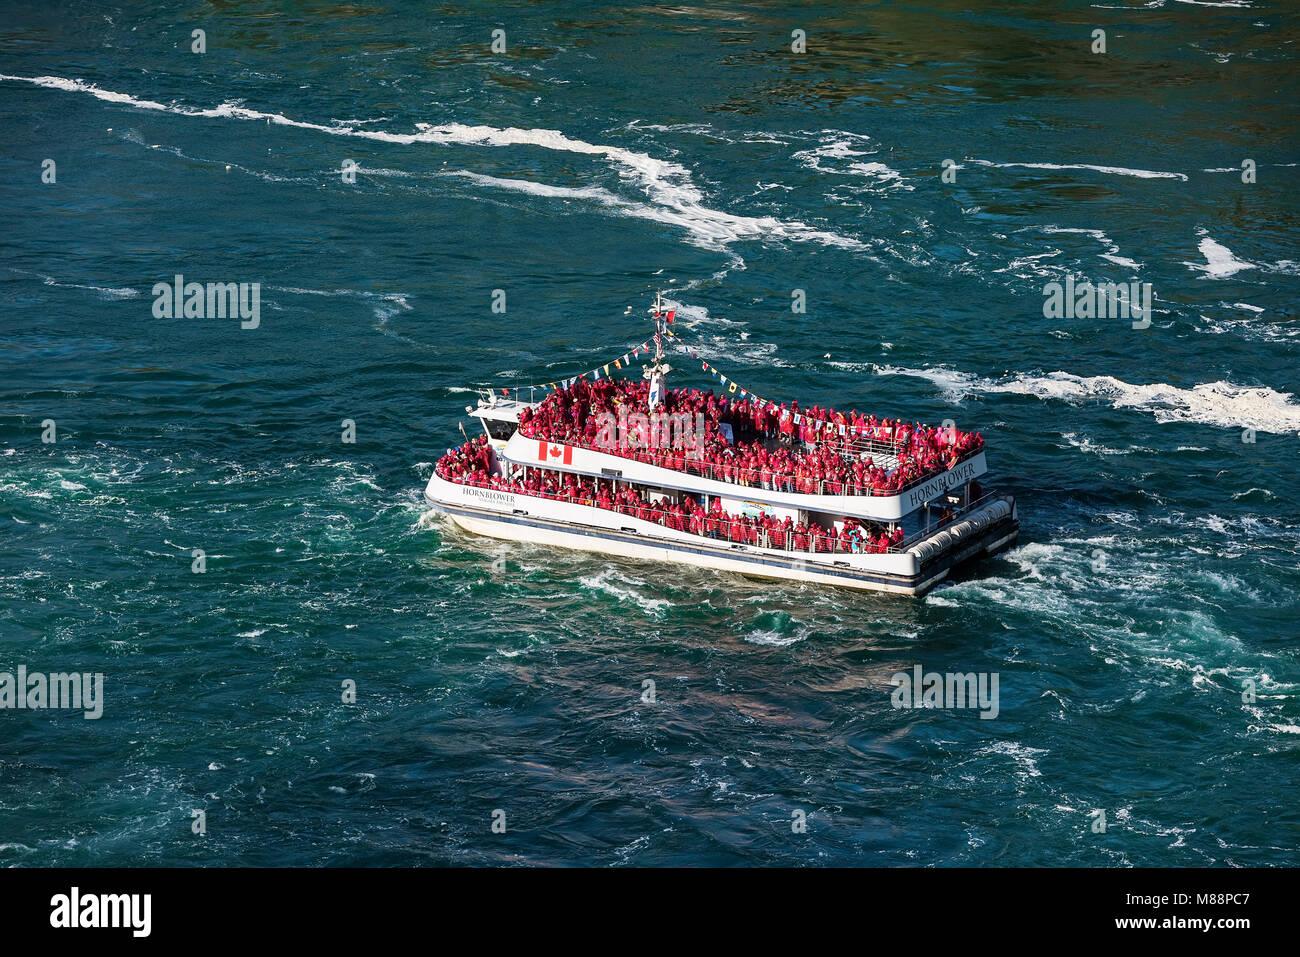 Enfoques barco turístico Horseshoe Falls, Niagara Falls, Ontario, Canadá Imagen De Stock